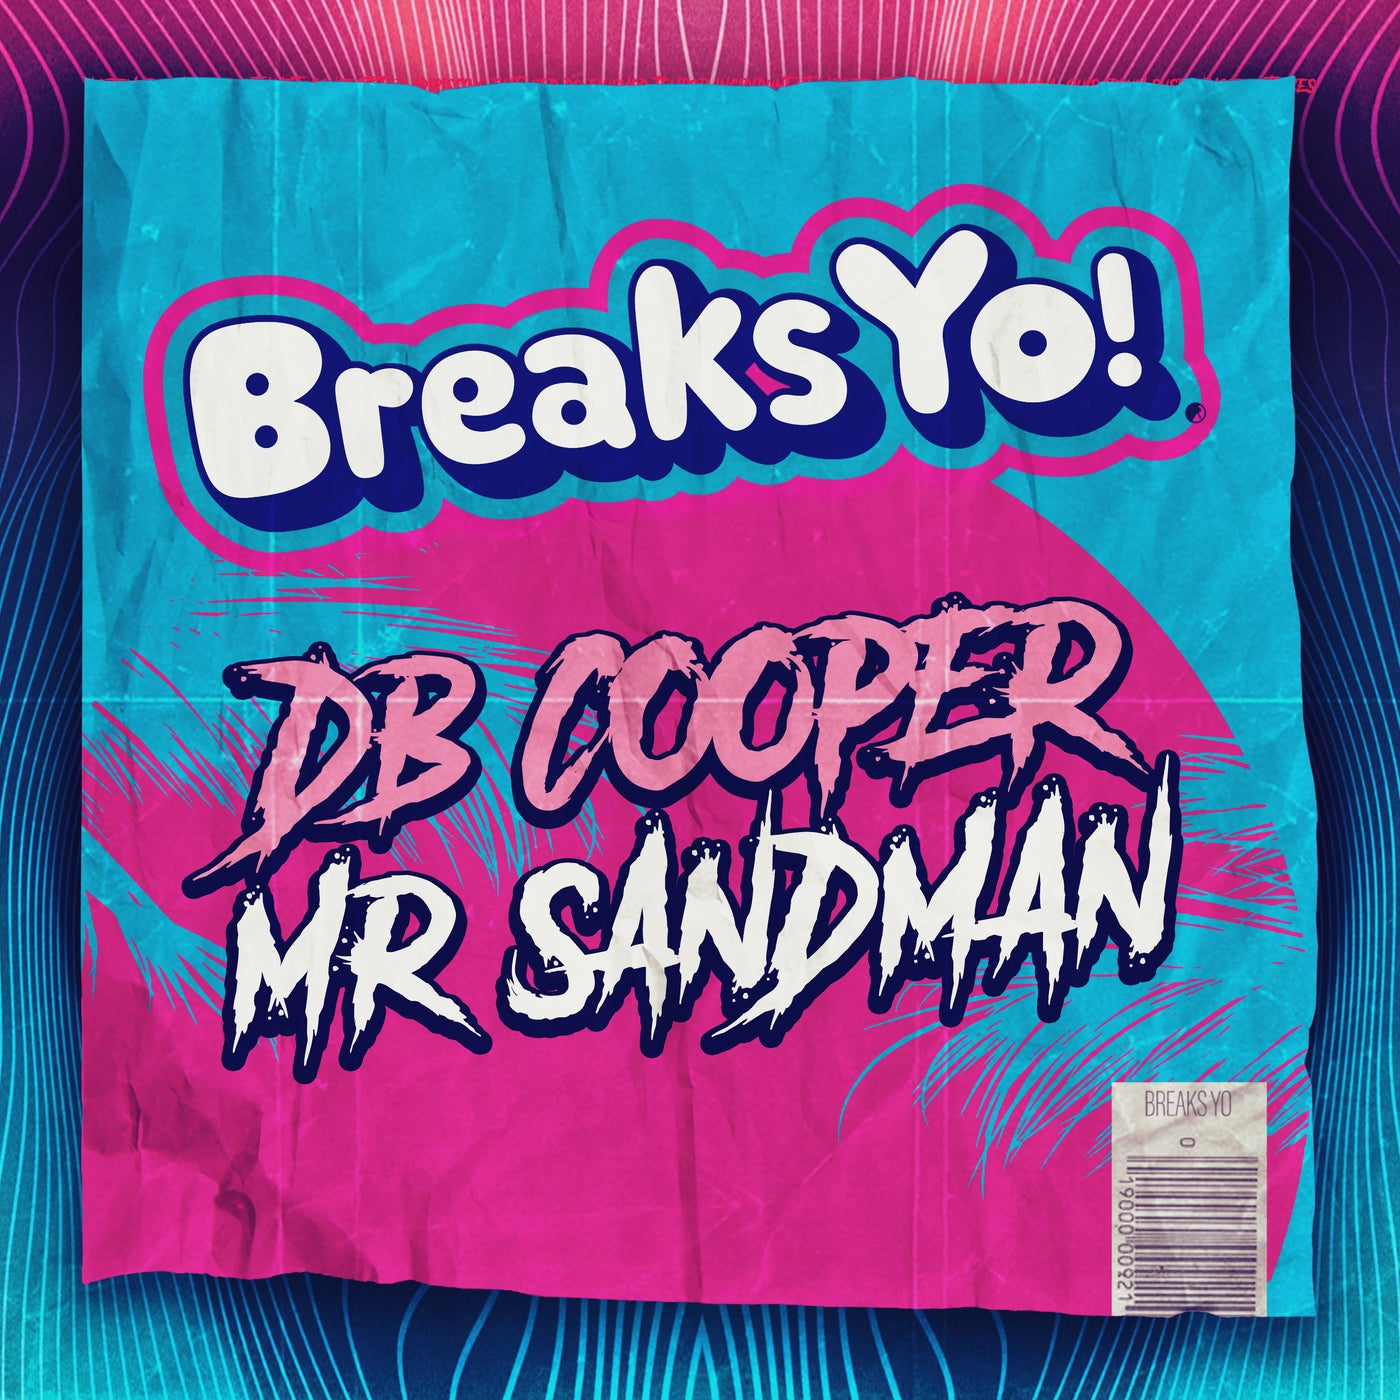 Mr. Sandman (Original Mix)